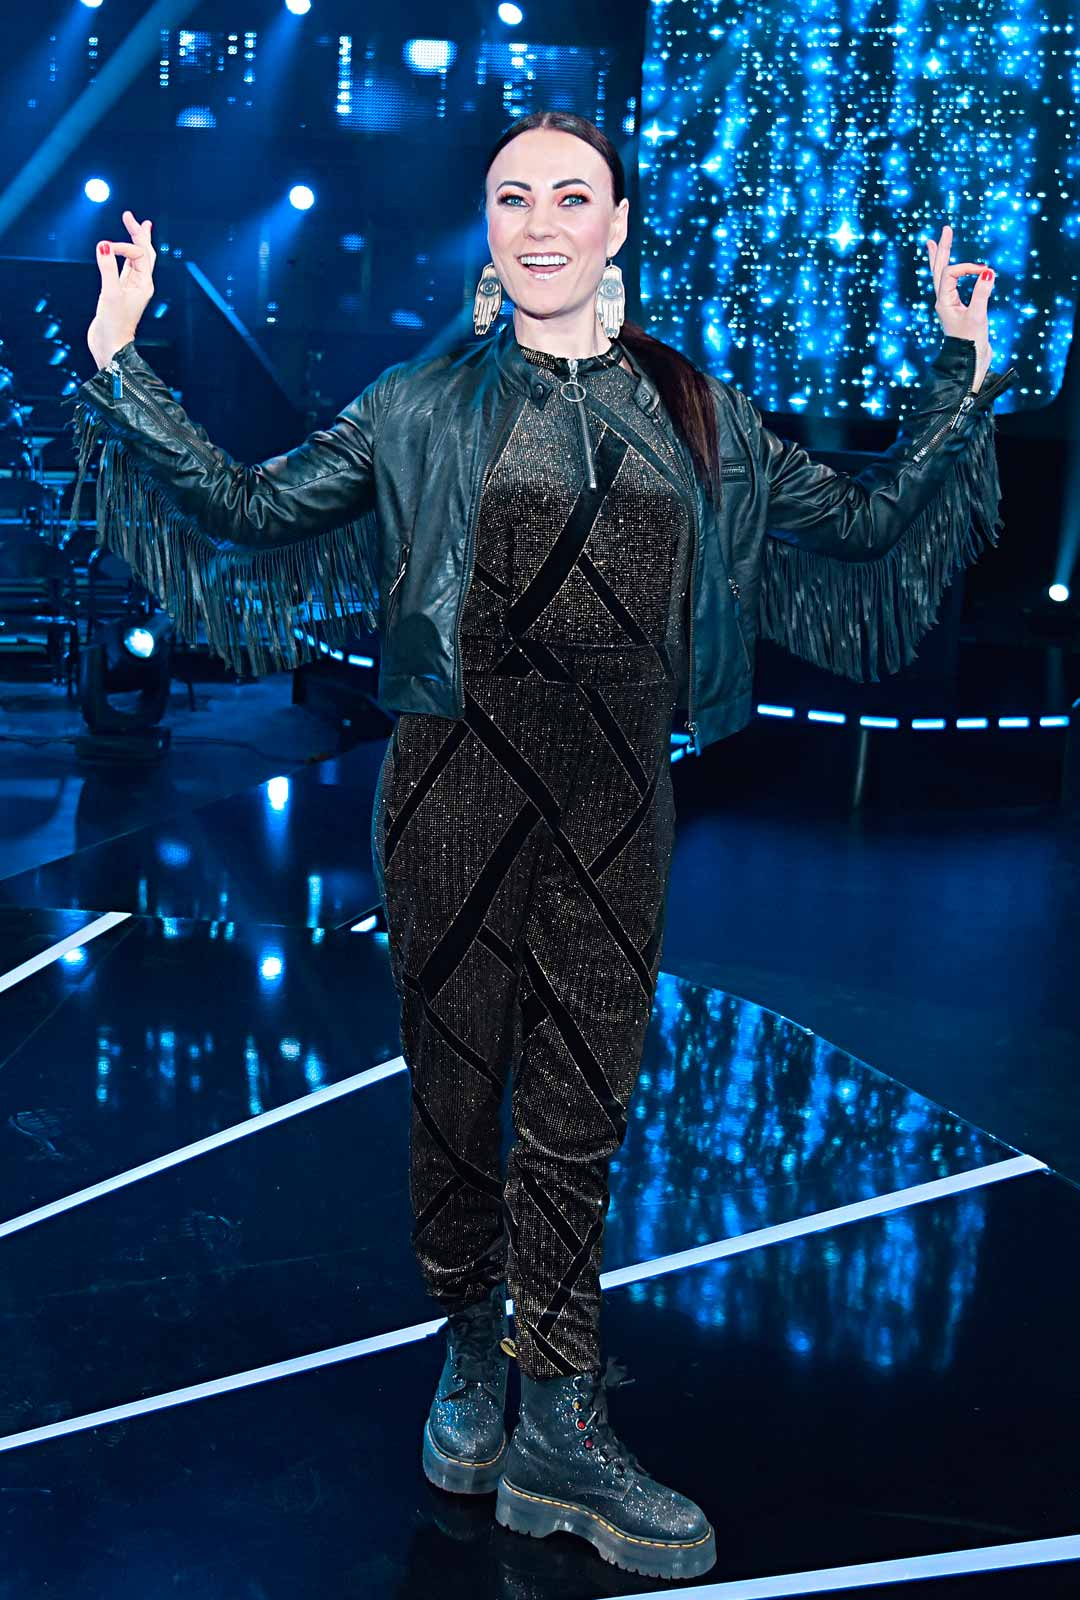 Laulaja Mira Luoti keikkailee Jouni Hynysen kanssa.